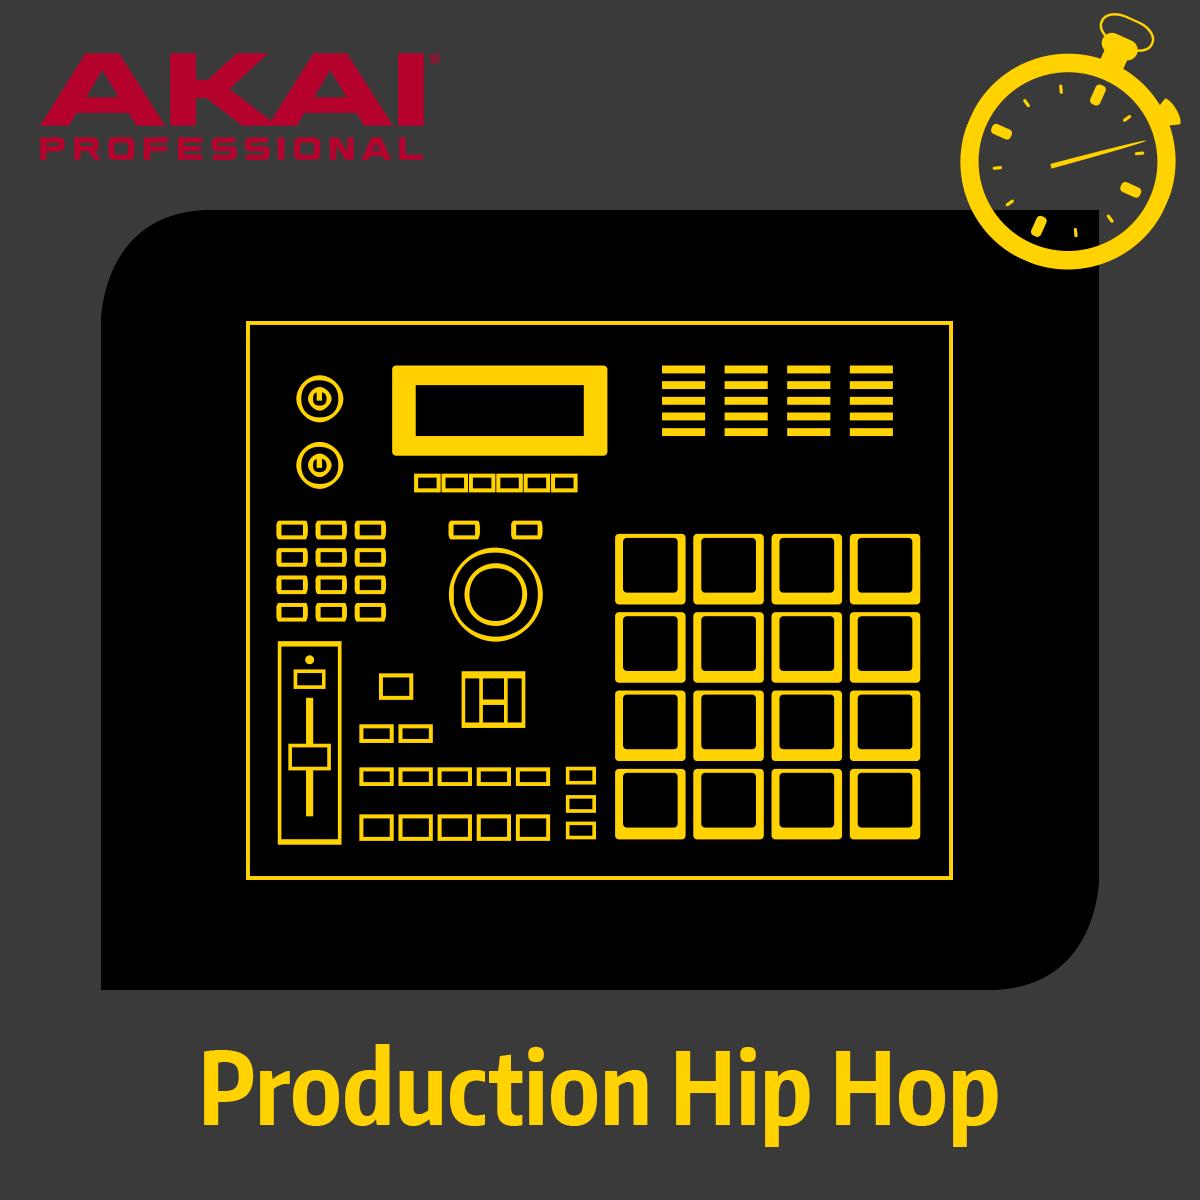 Formation accélérée - Production Hip Hop - Masterclass avec Rhino